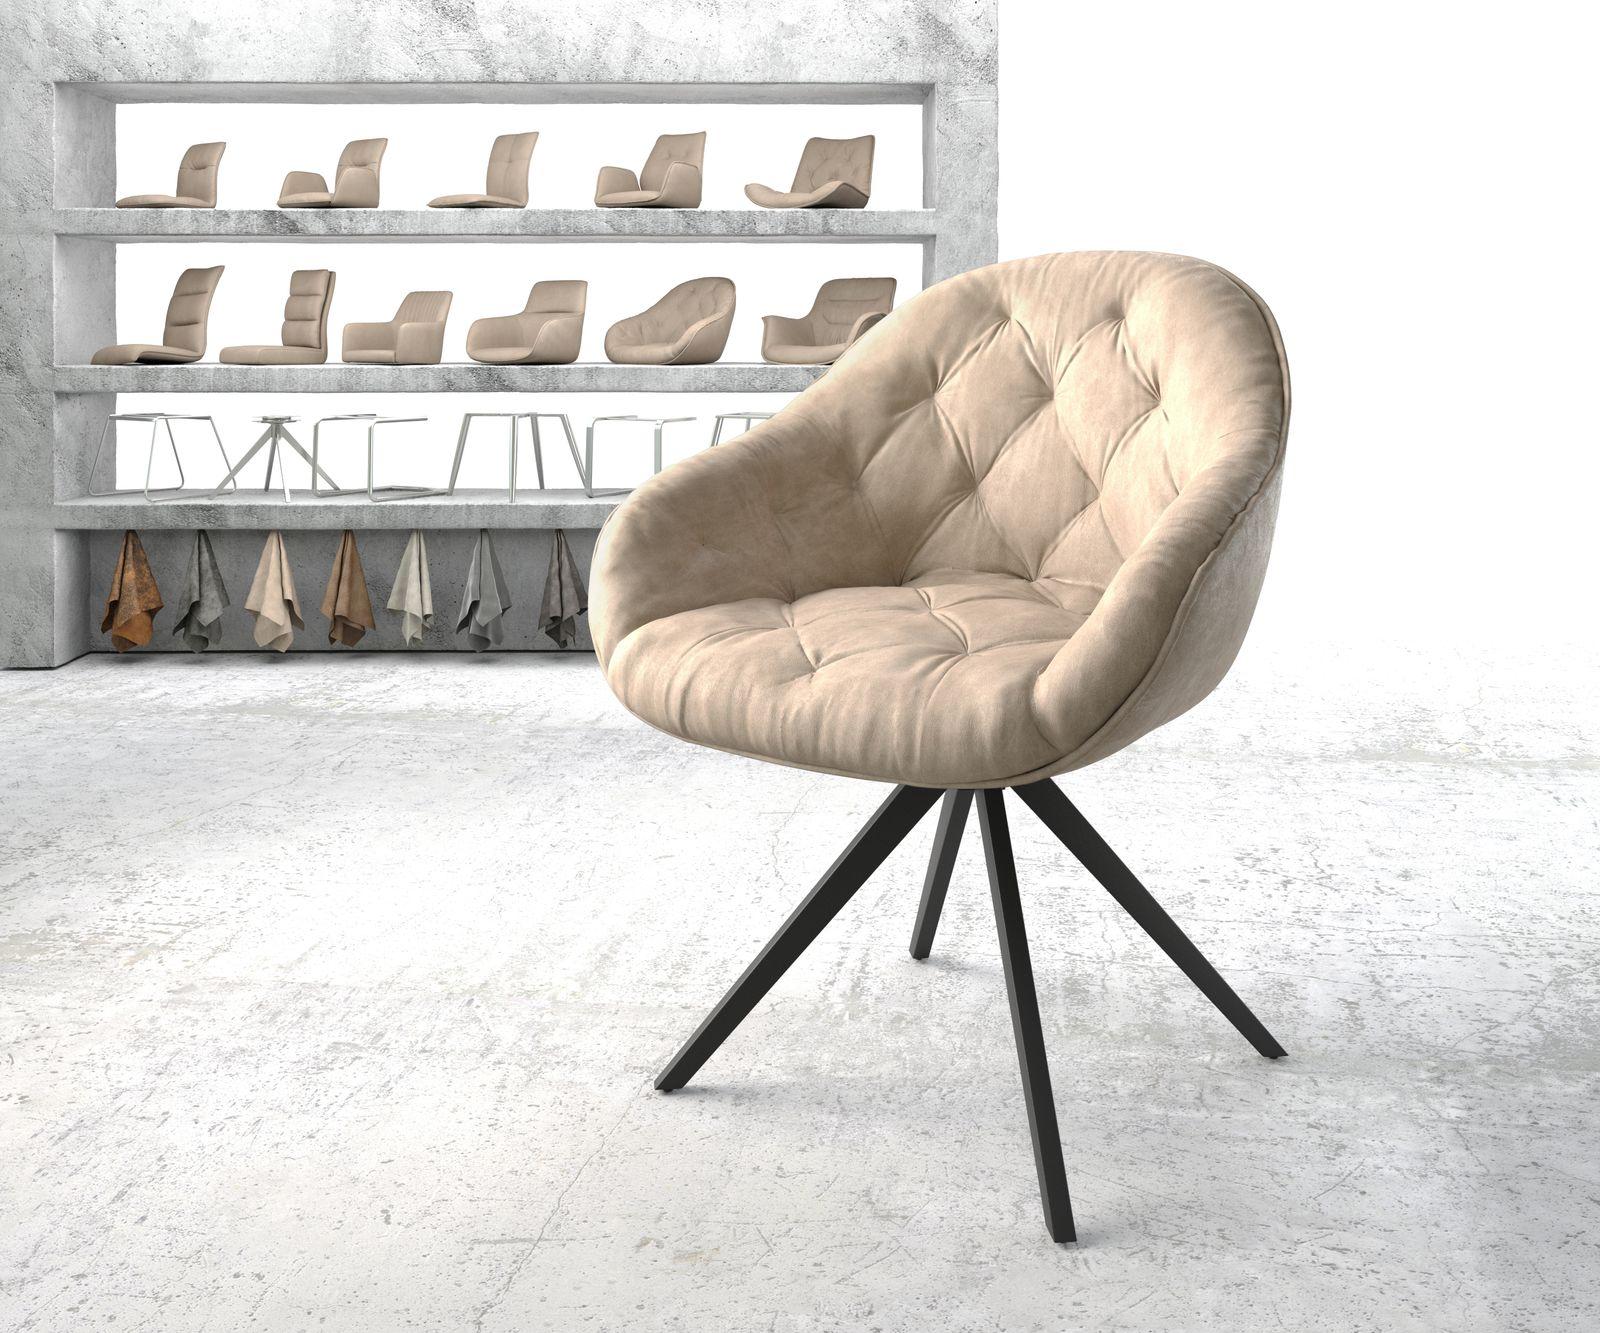 delife-armlehnstuhl-gaio-flex-beige-vintage-kreuzgestell-drehbar-schwarz-esszimmerstuhle